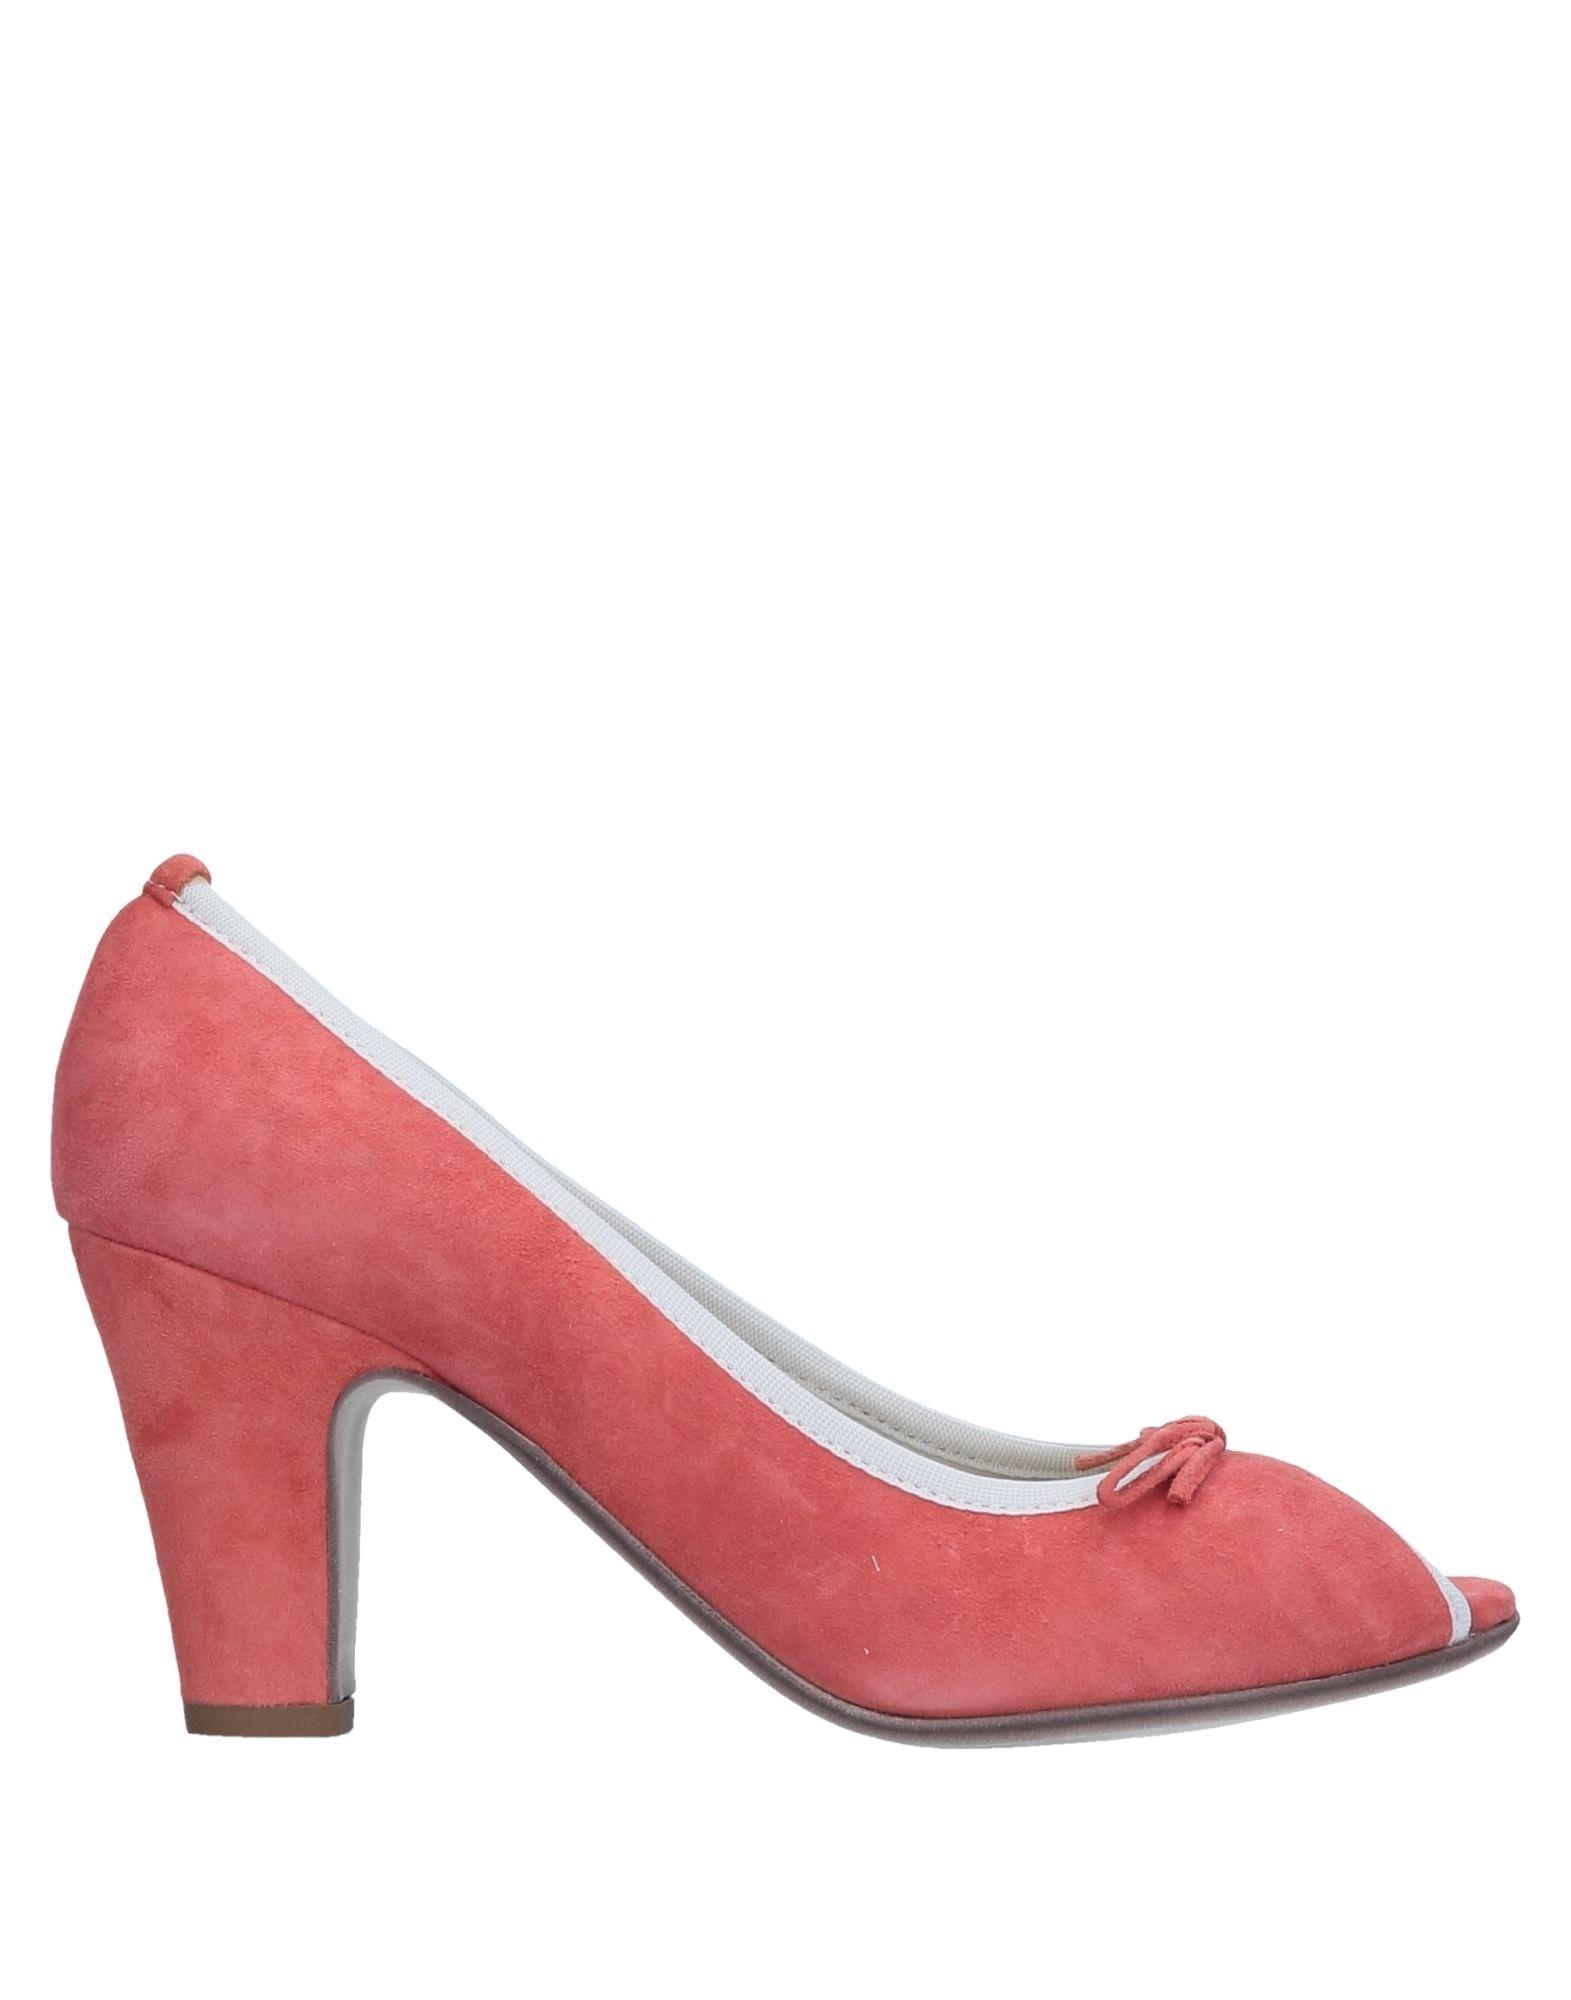 Keys Pumps Damen  11554256CF Gute Qualität beliebte Schuhe